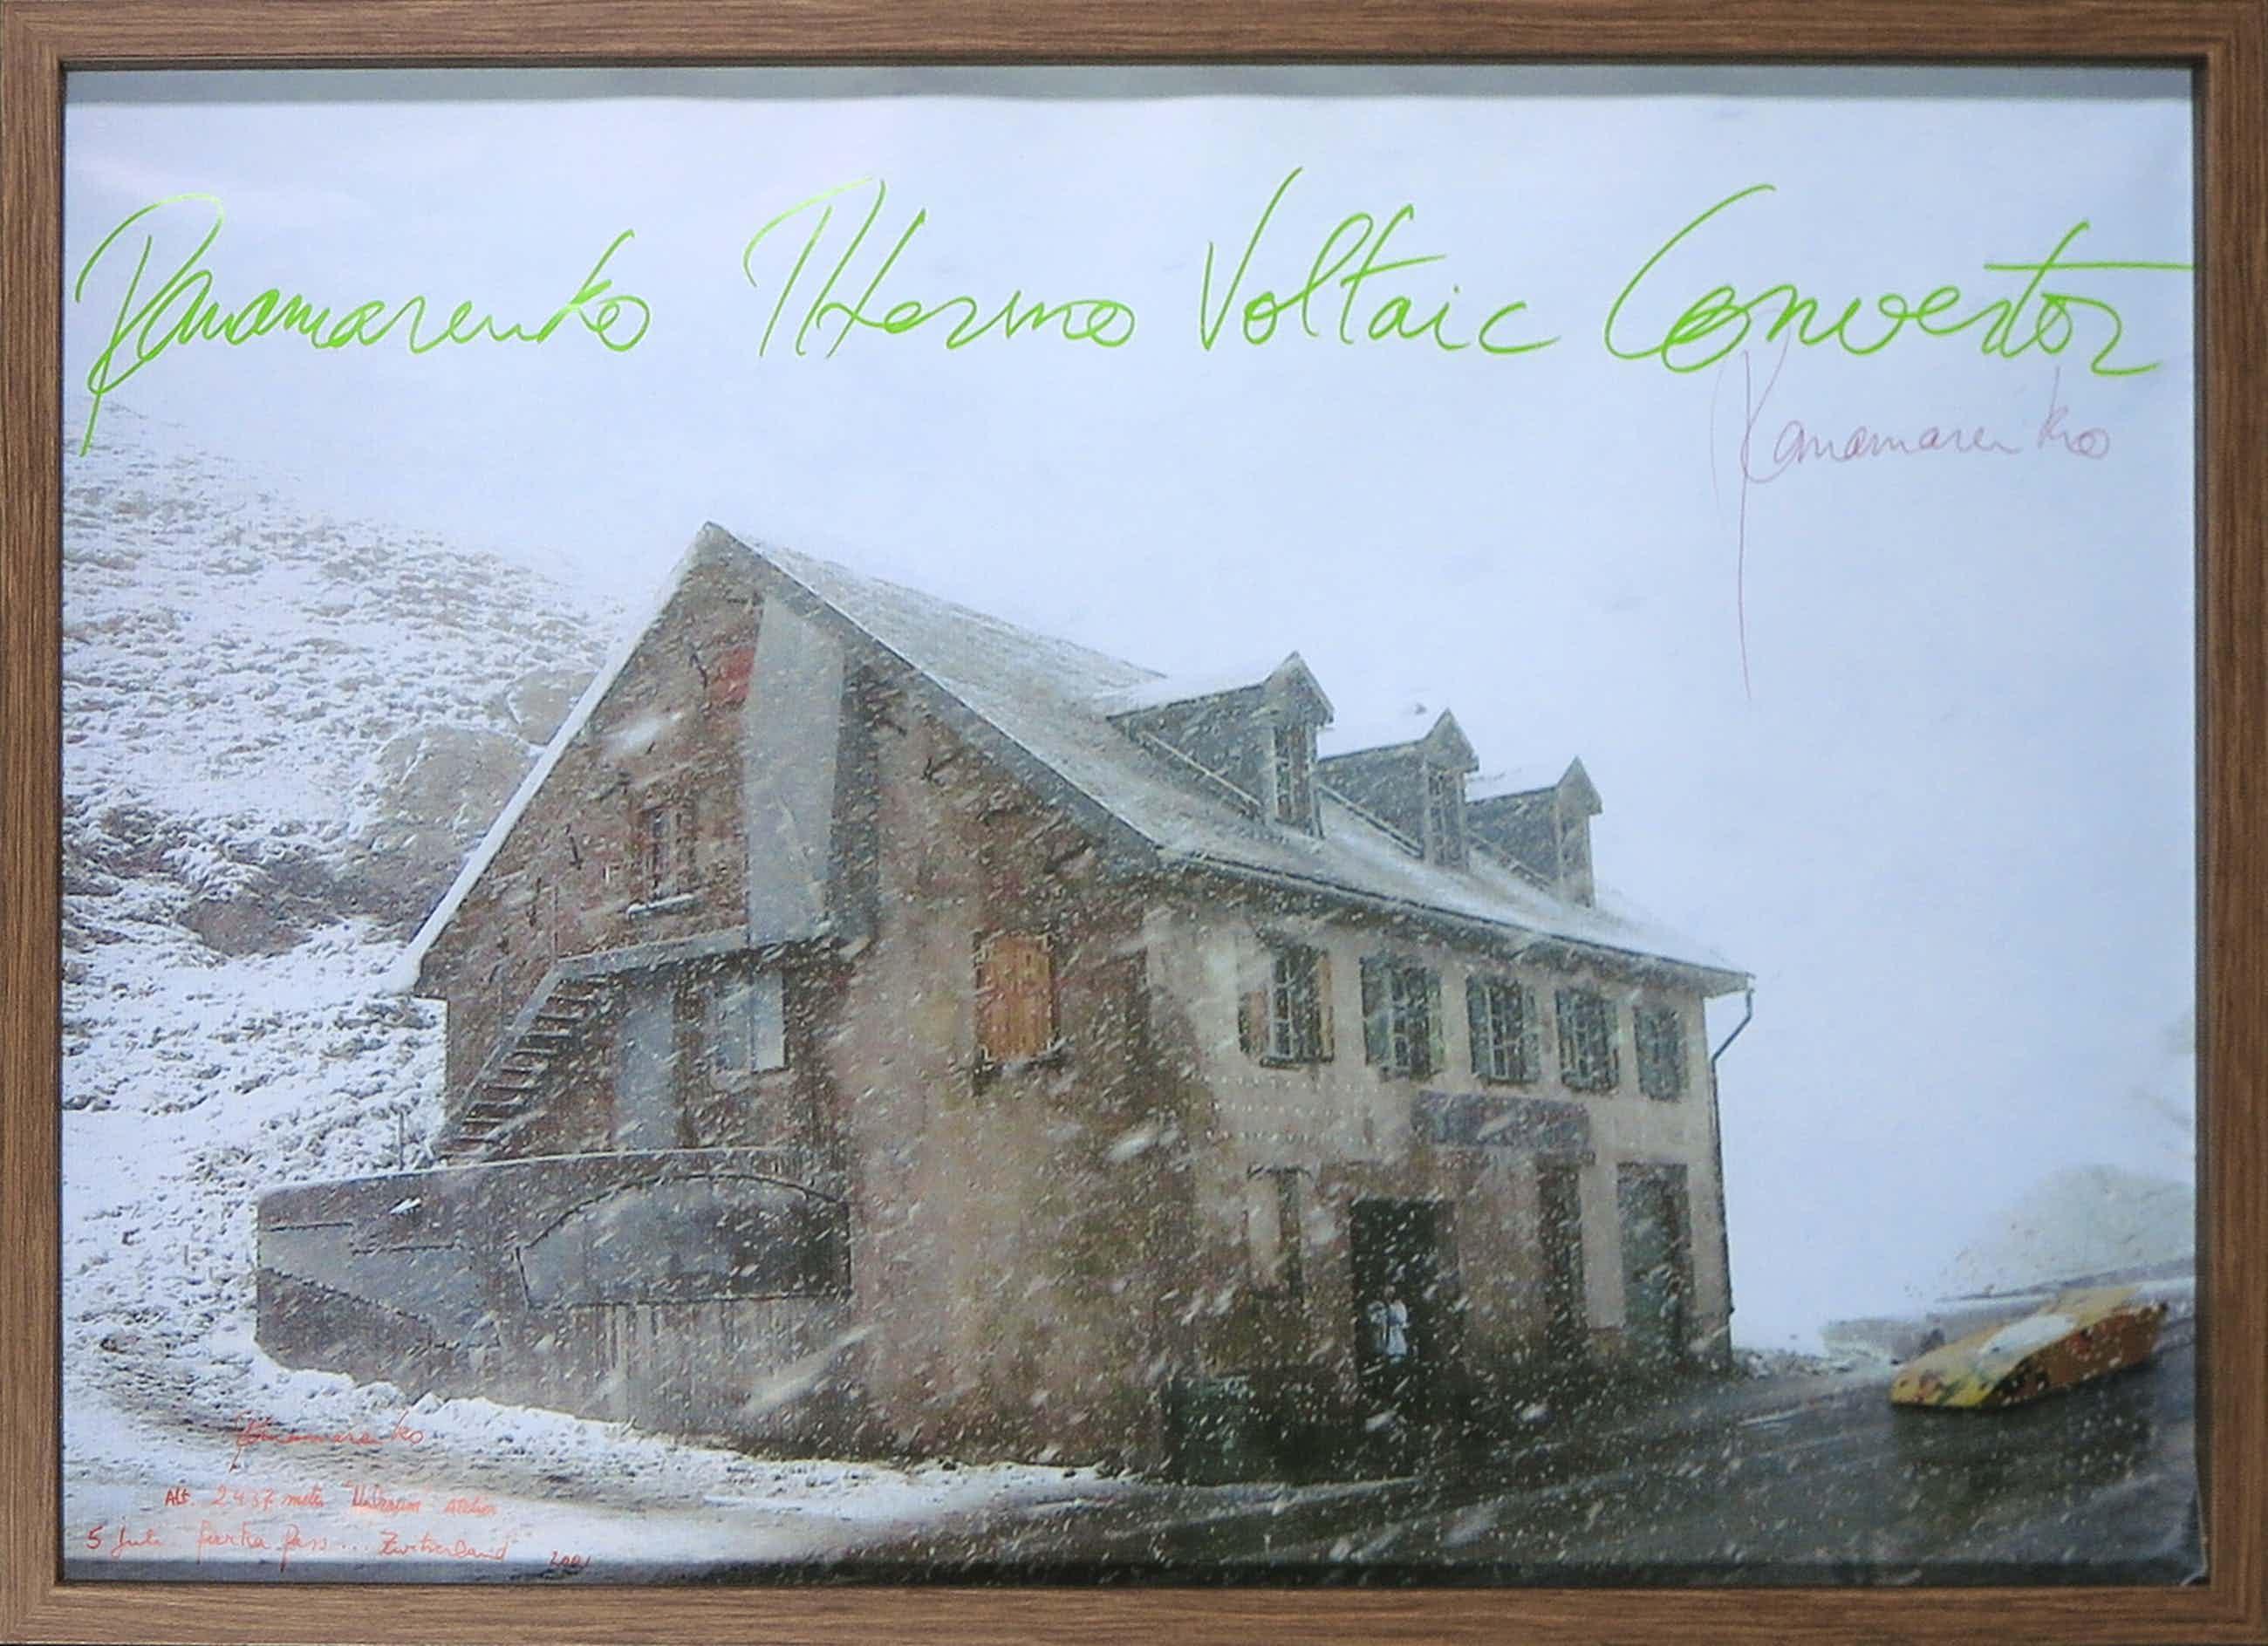 Panamarenko - Handgesigneerd affiche, Panamarenko Thermo Voltaic Convertor - Ingelijst kopen? Bied vanaf 150!